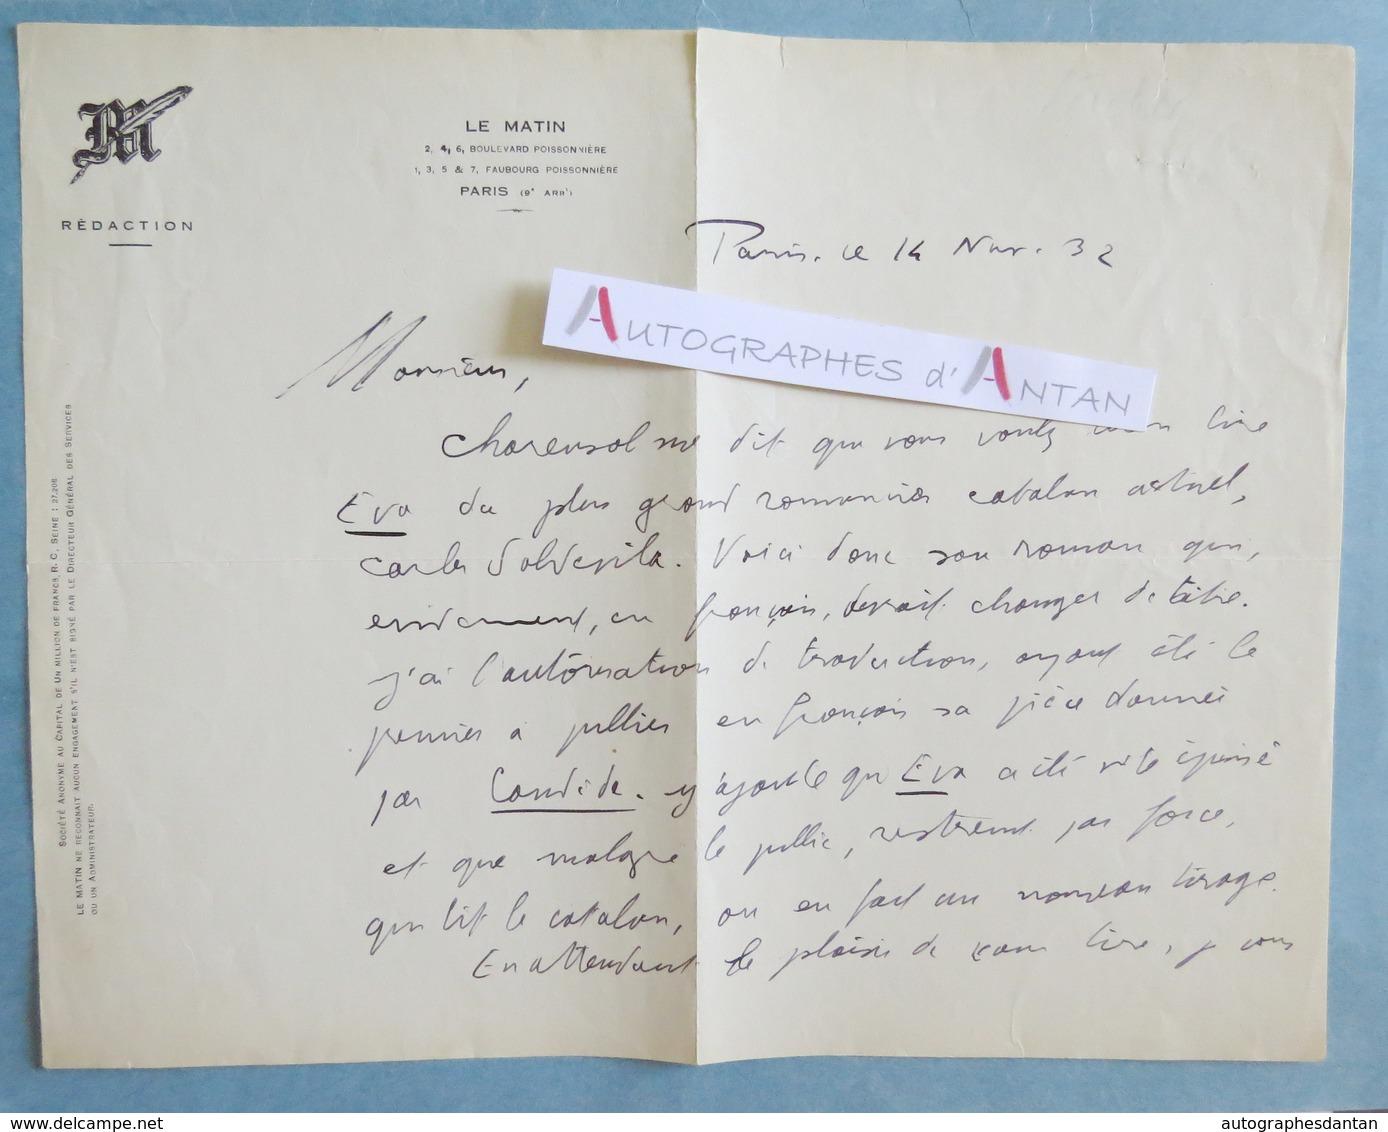 L.A.S 1932 Adolphe DE FALGAIROLLE - Le MATIN - Carles Soldevila écrivain Catalan - Eva - Charensol - Lettre Autographe - Autographes